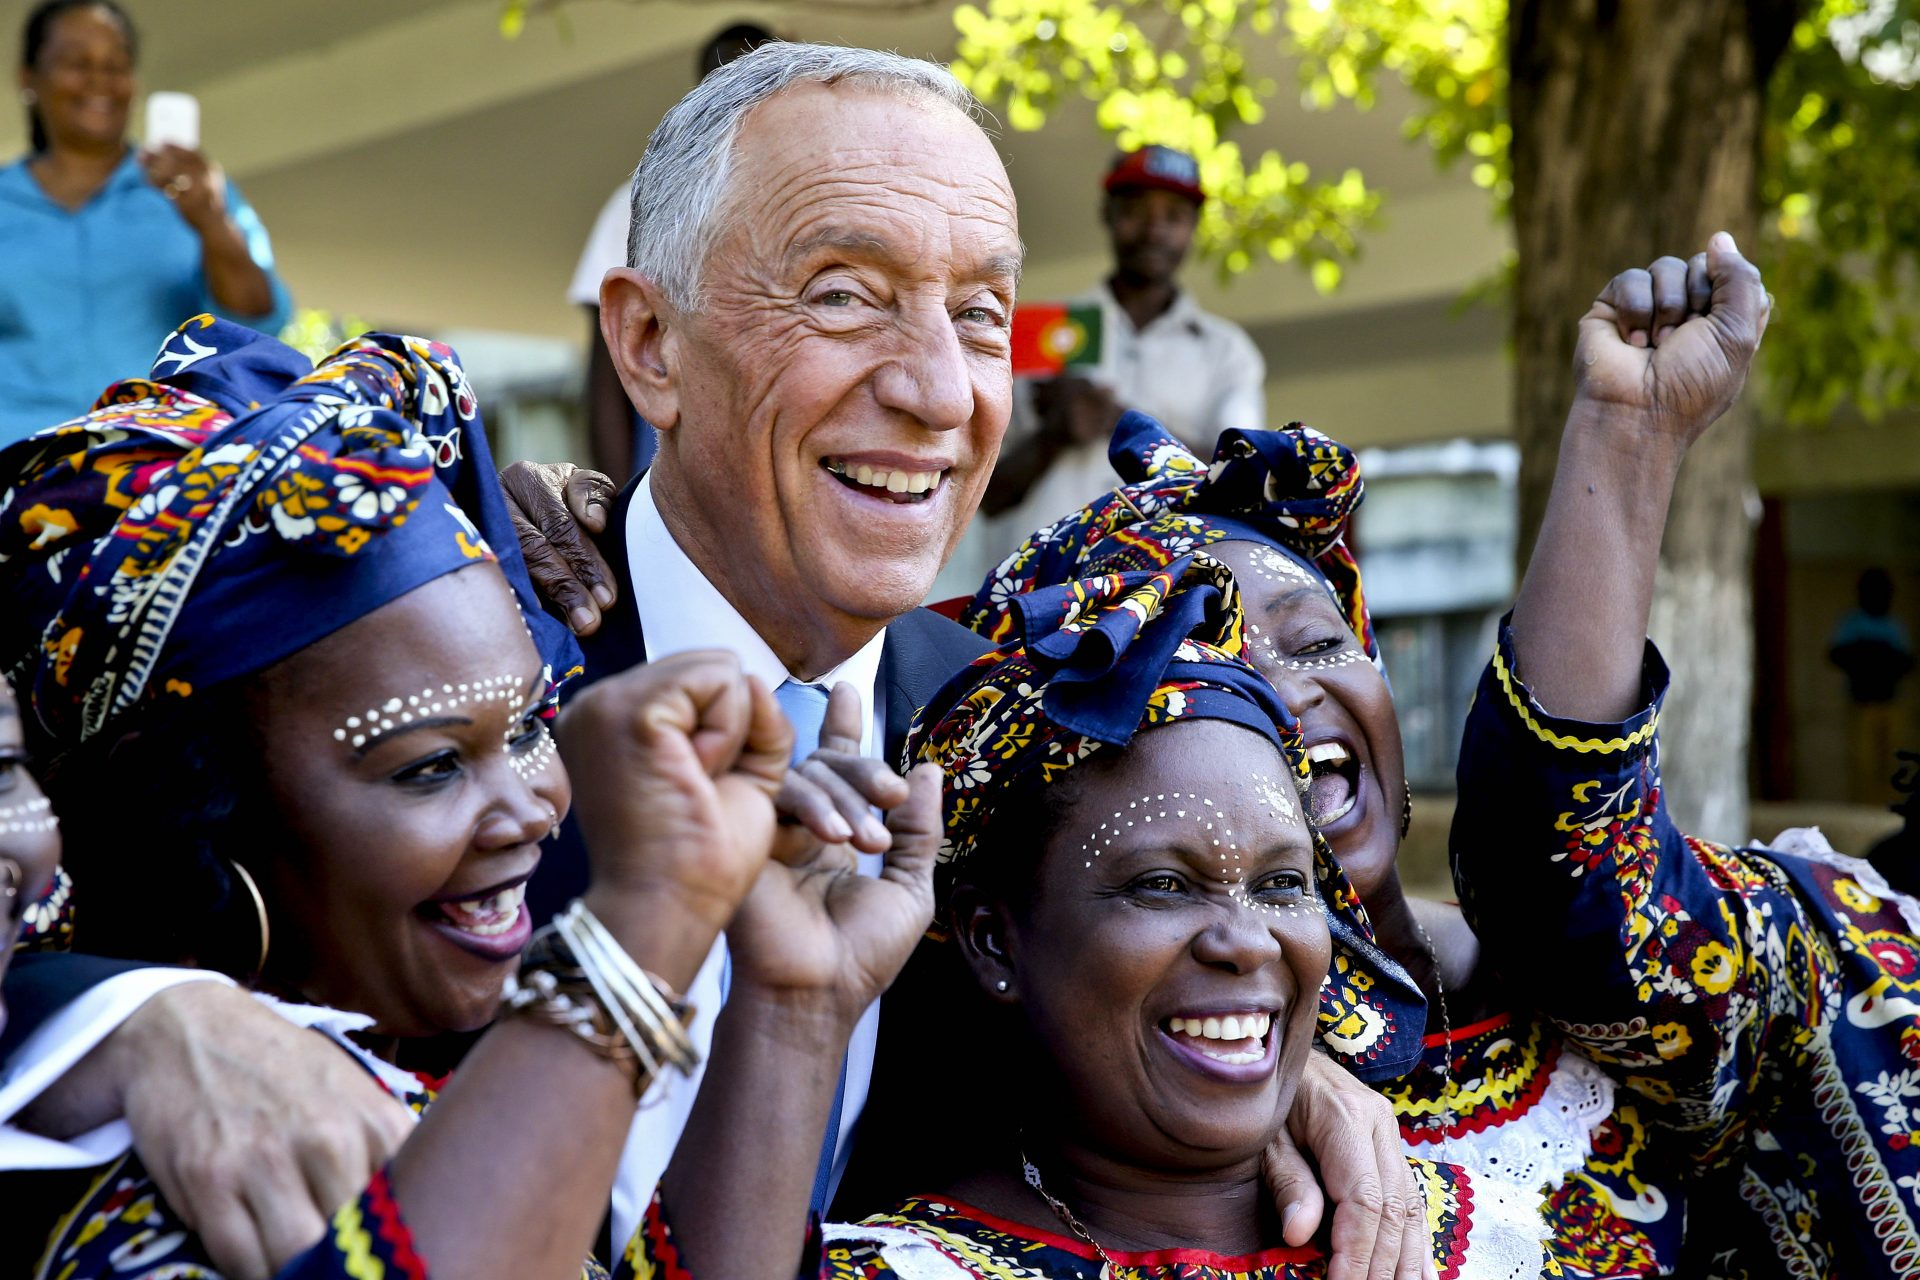 O Presidente da República de Portugal, Marcelo Rebelo de Sousa (2-E), posa para a fotografia durante a visita à Escola Portuguesa de Moçambique, em Maputo, Moçambique, 05 de maio de 2016. JOÃO RELVAS/LUSA